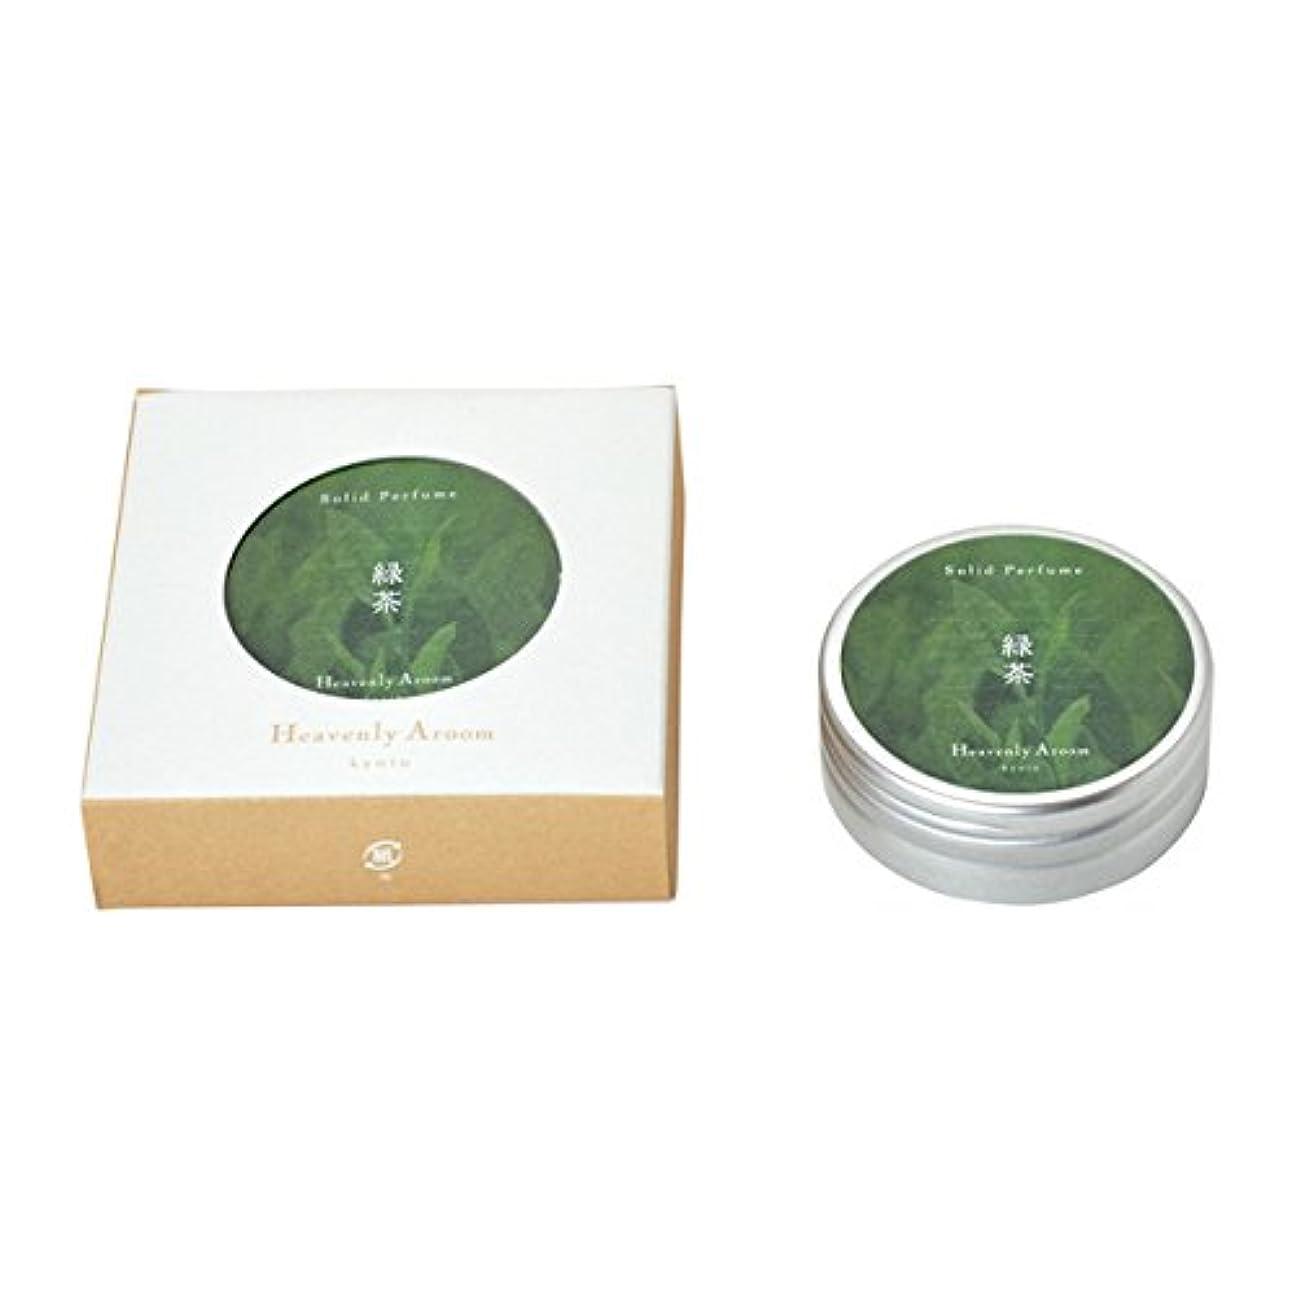 紀元前走るぜいたくHeavenly Aroom ソリッドパフューム 緑茶 15g